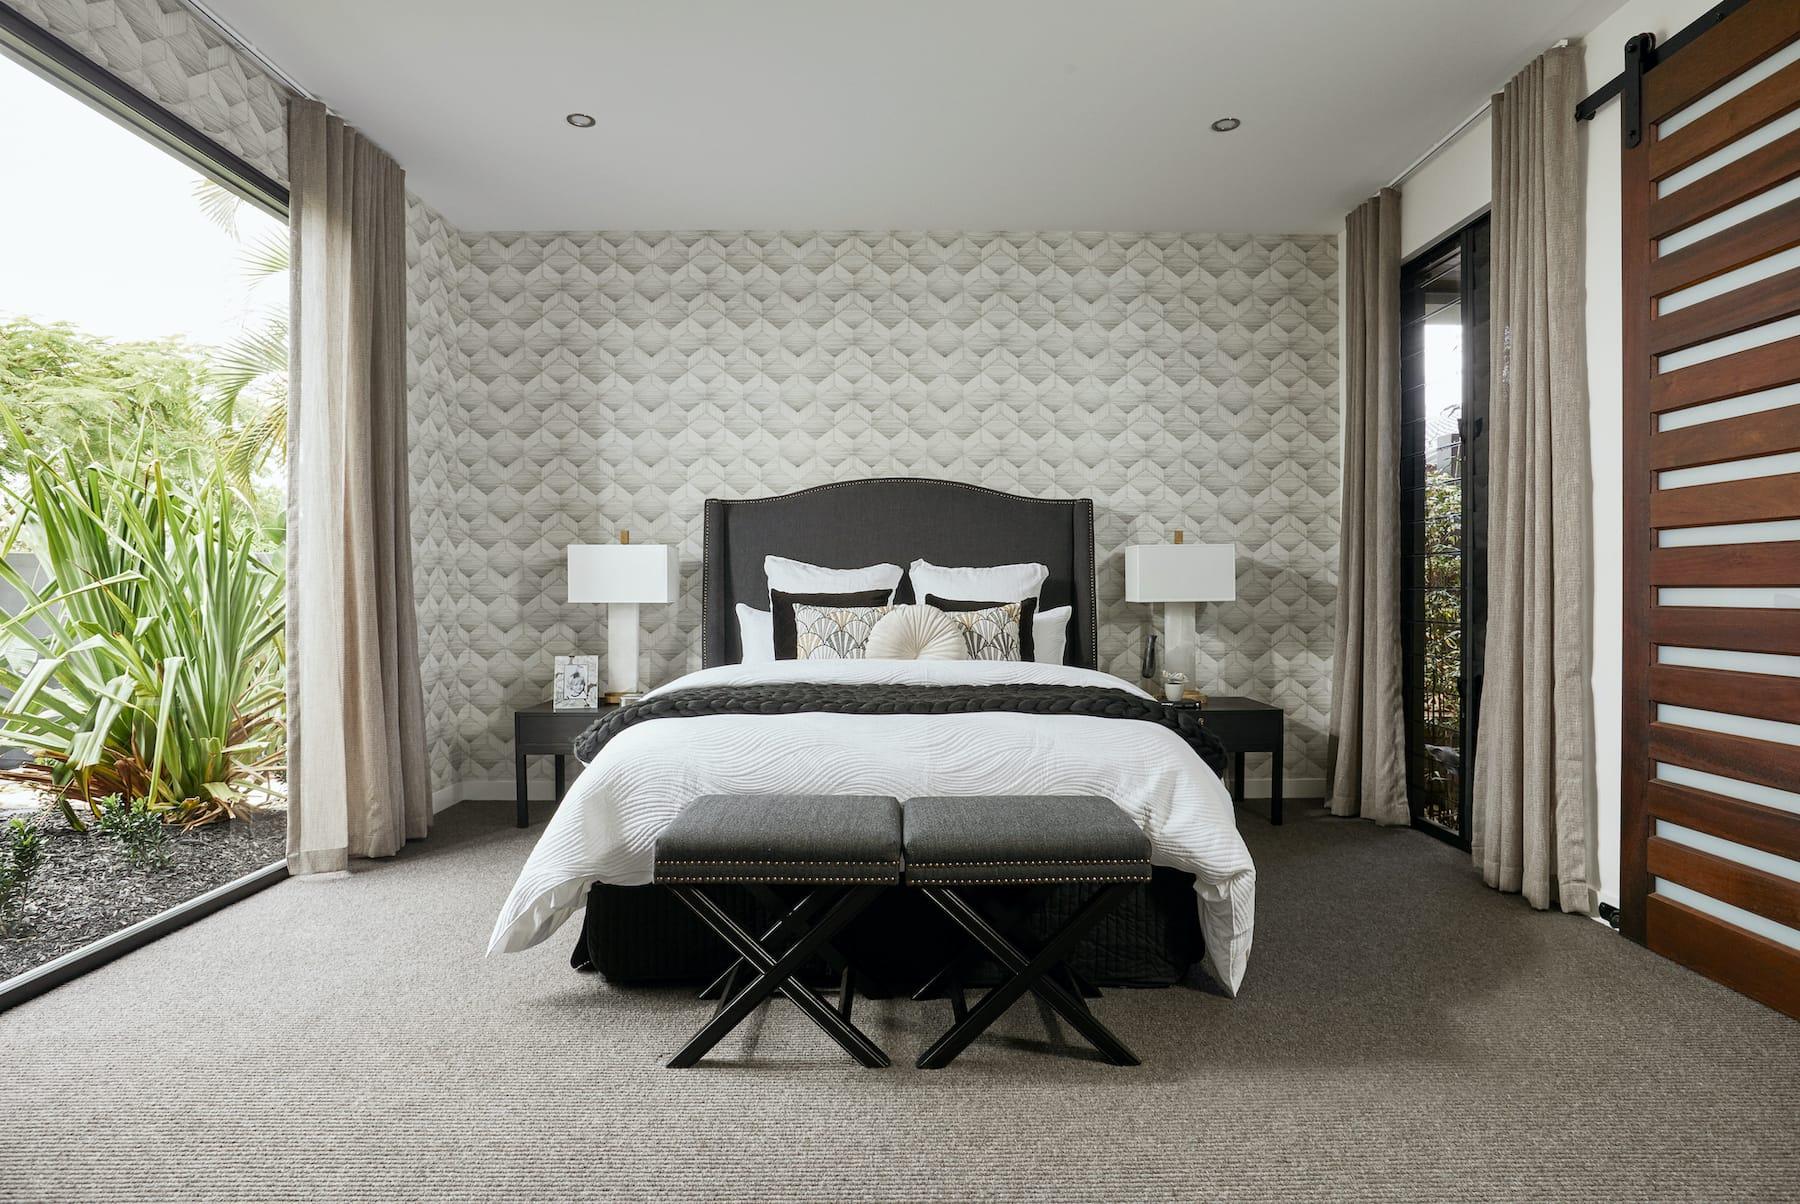 dark neutral bedroom ideas patterned wallpaper in master bedroom with dark headboard